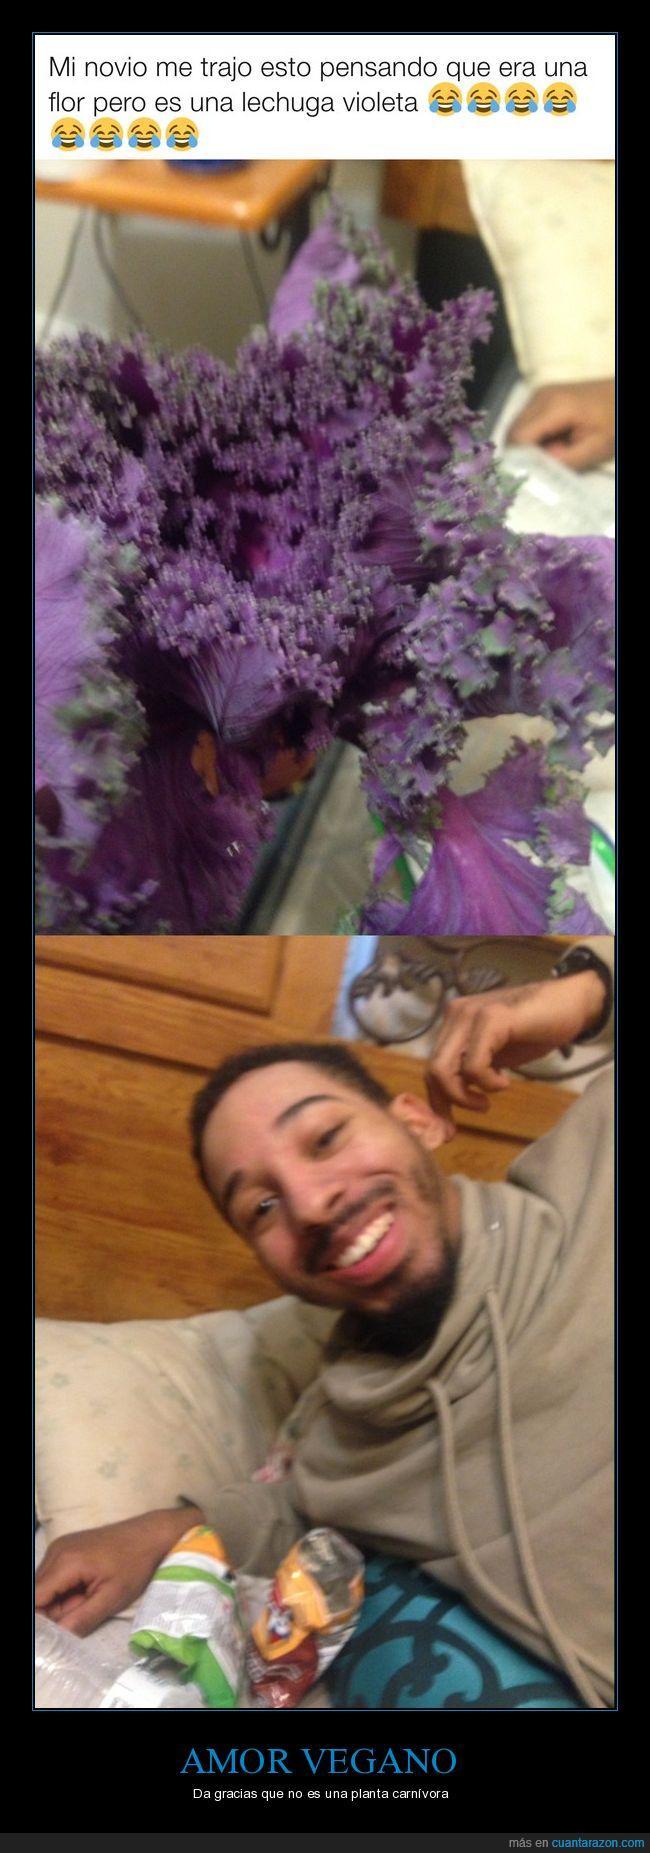 amor vegano,flores,lechuga,novio